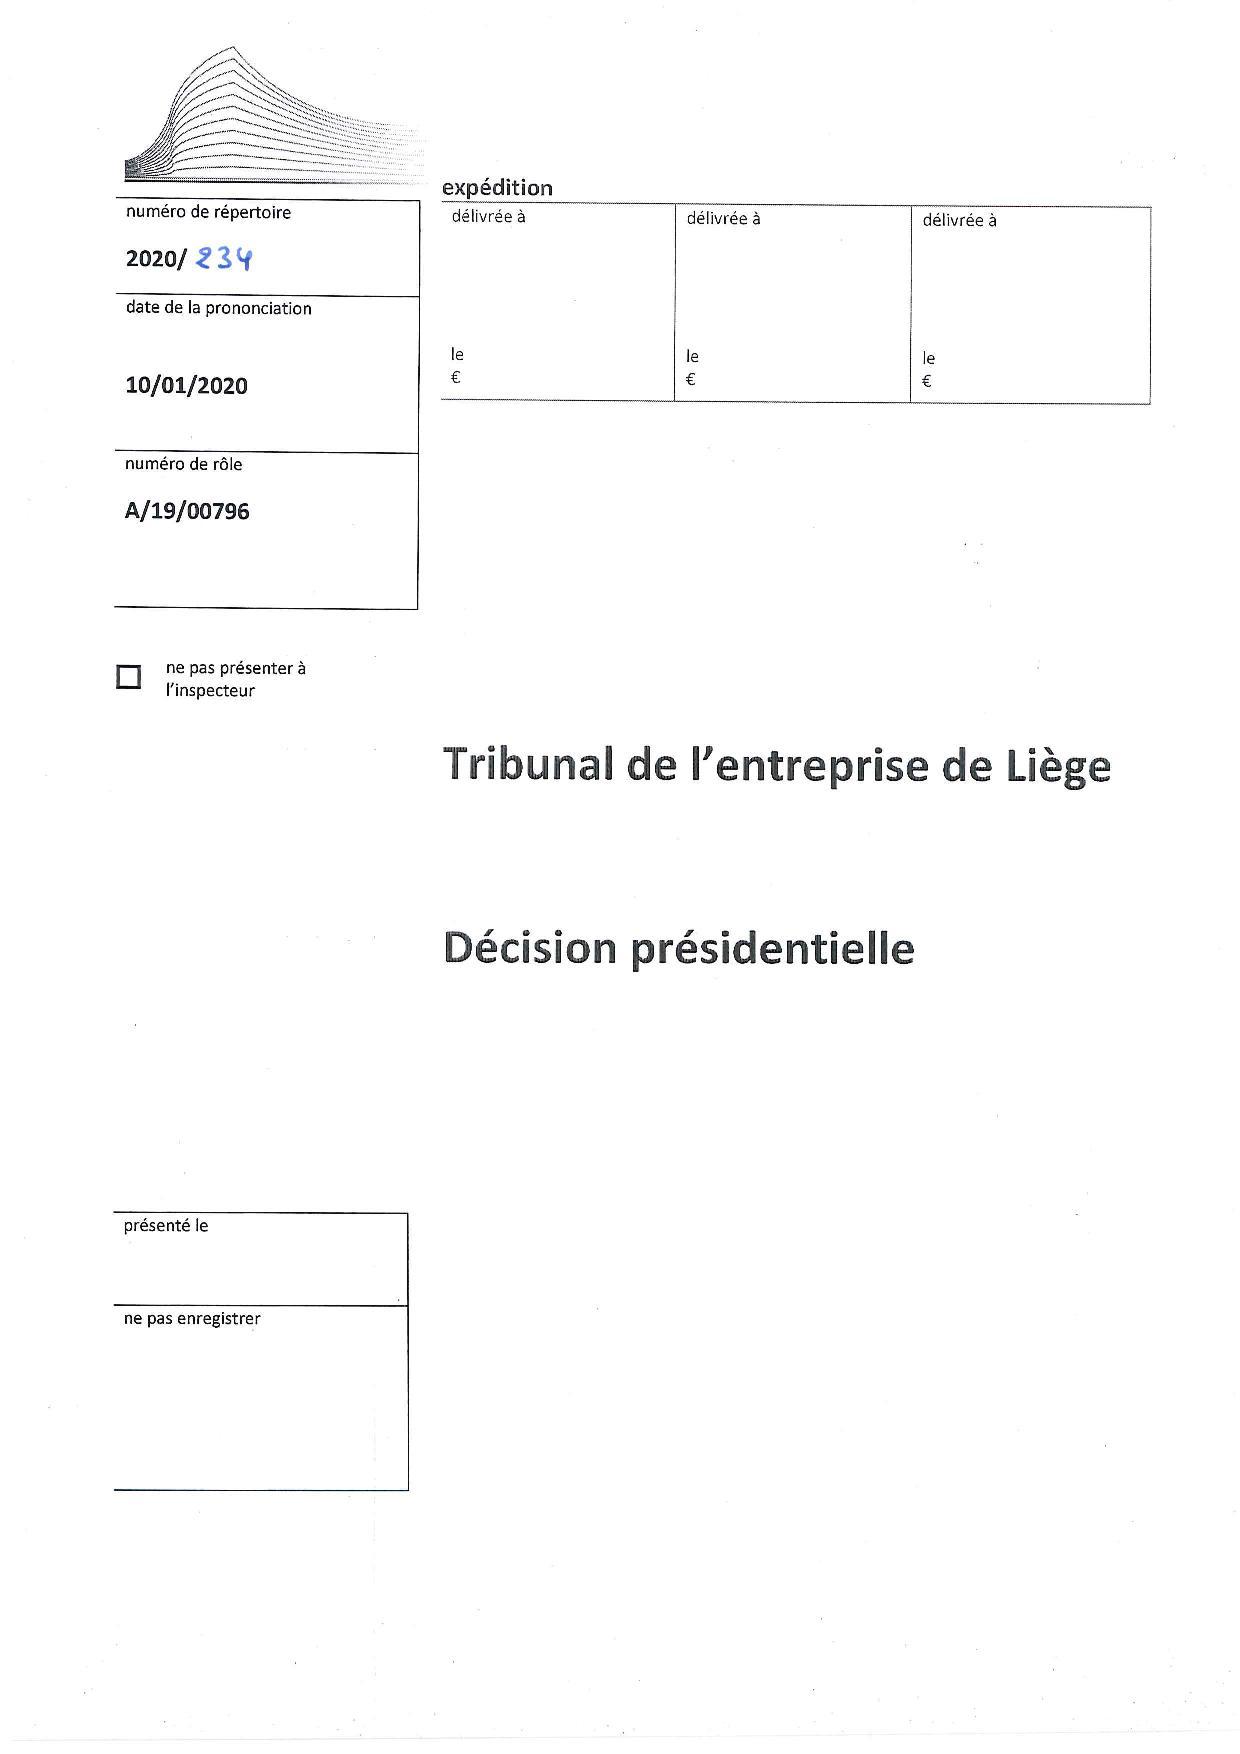 2020 01 10 SUD PRESSE c HERREGAT V et VINCESTONIAN SDE PLC (A-19-00796) aud 6-12-2019-page-001